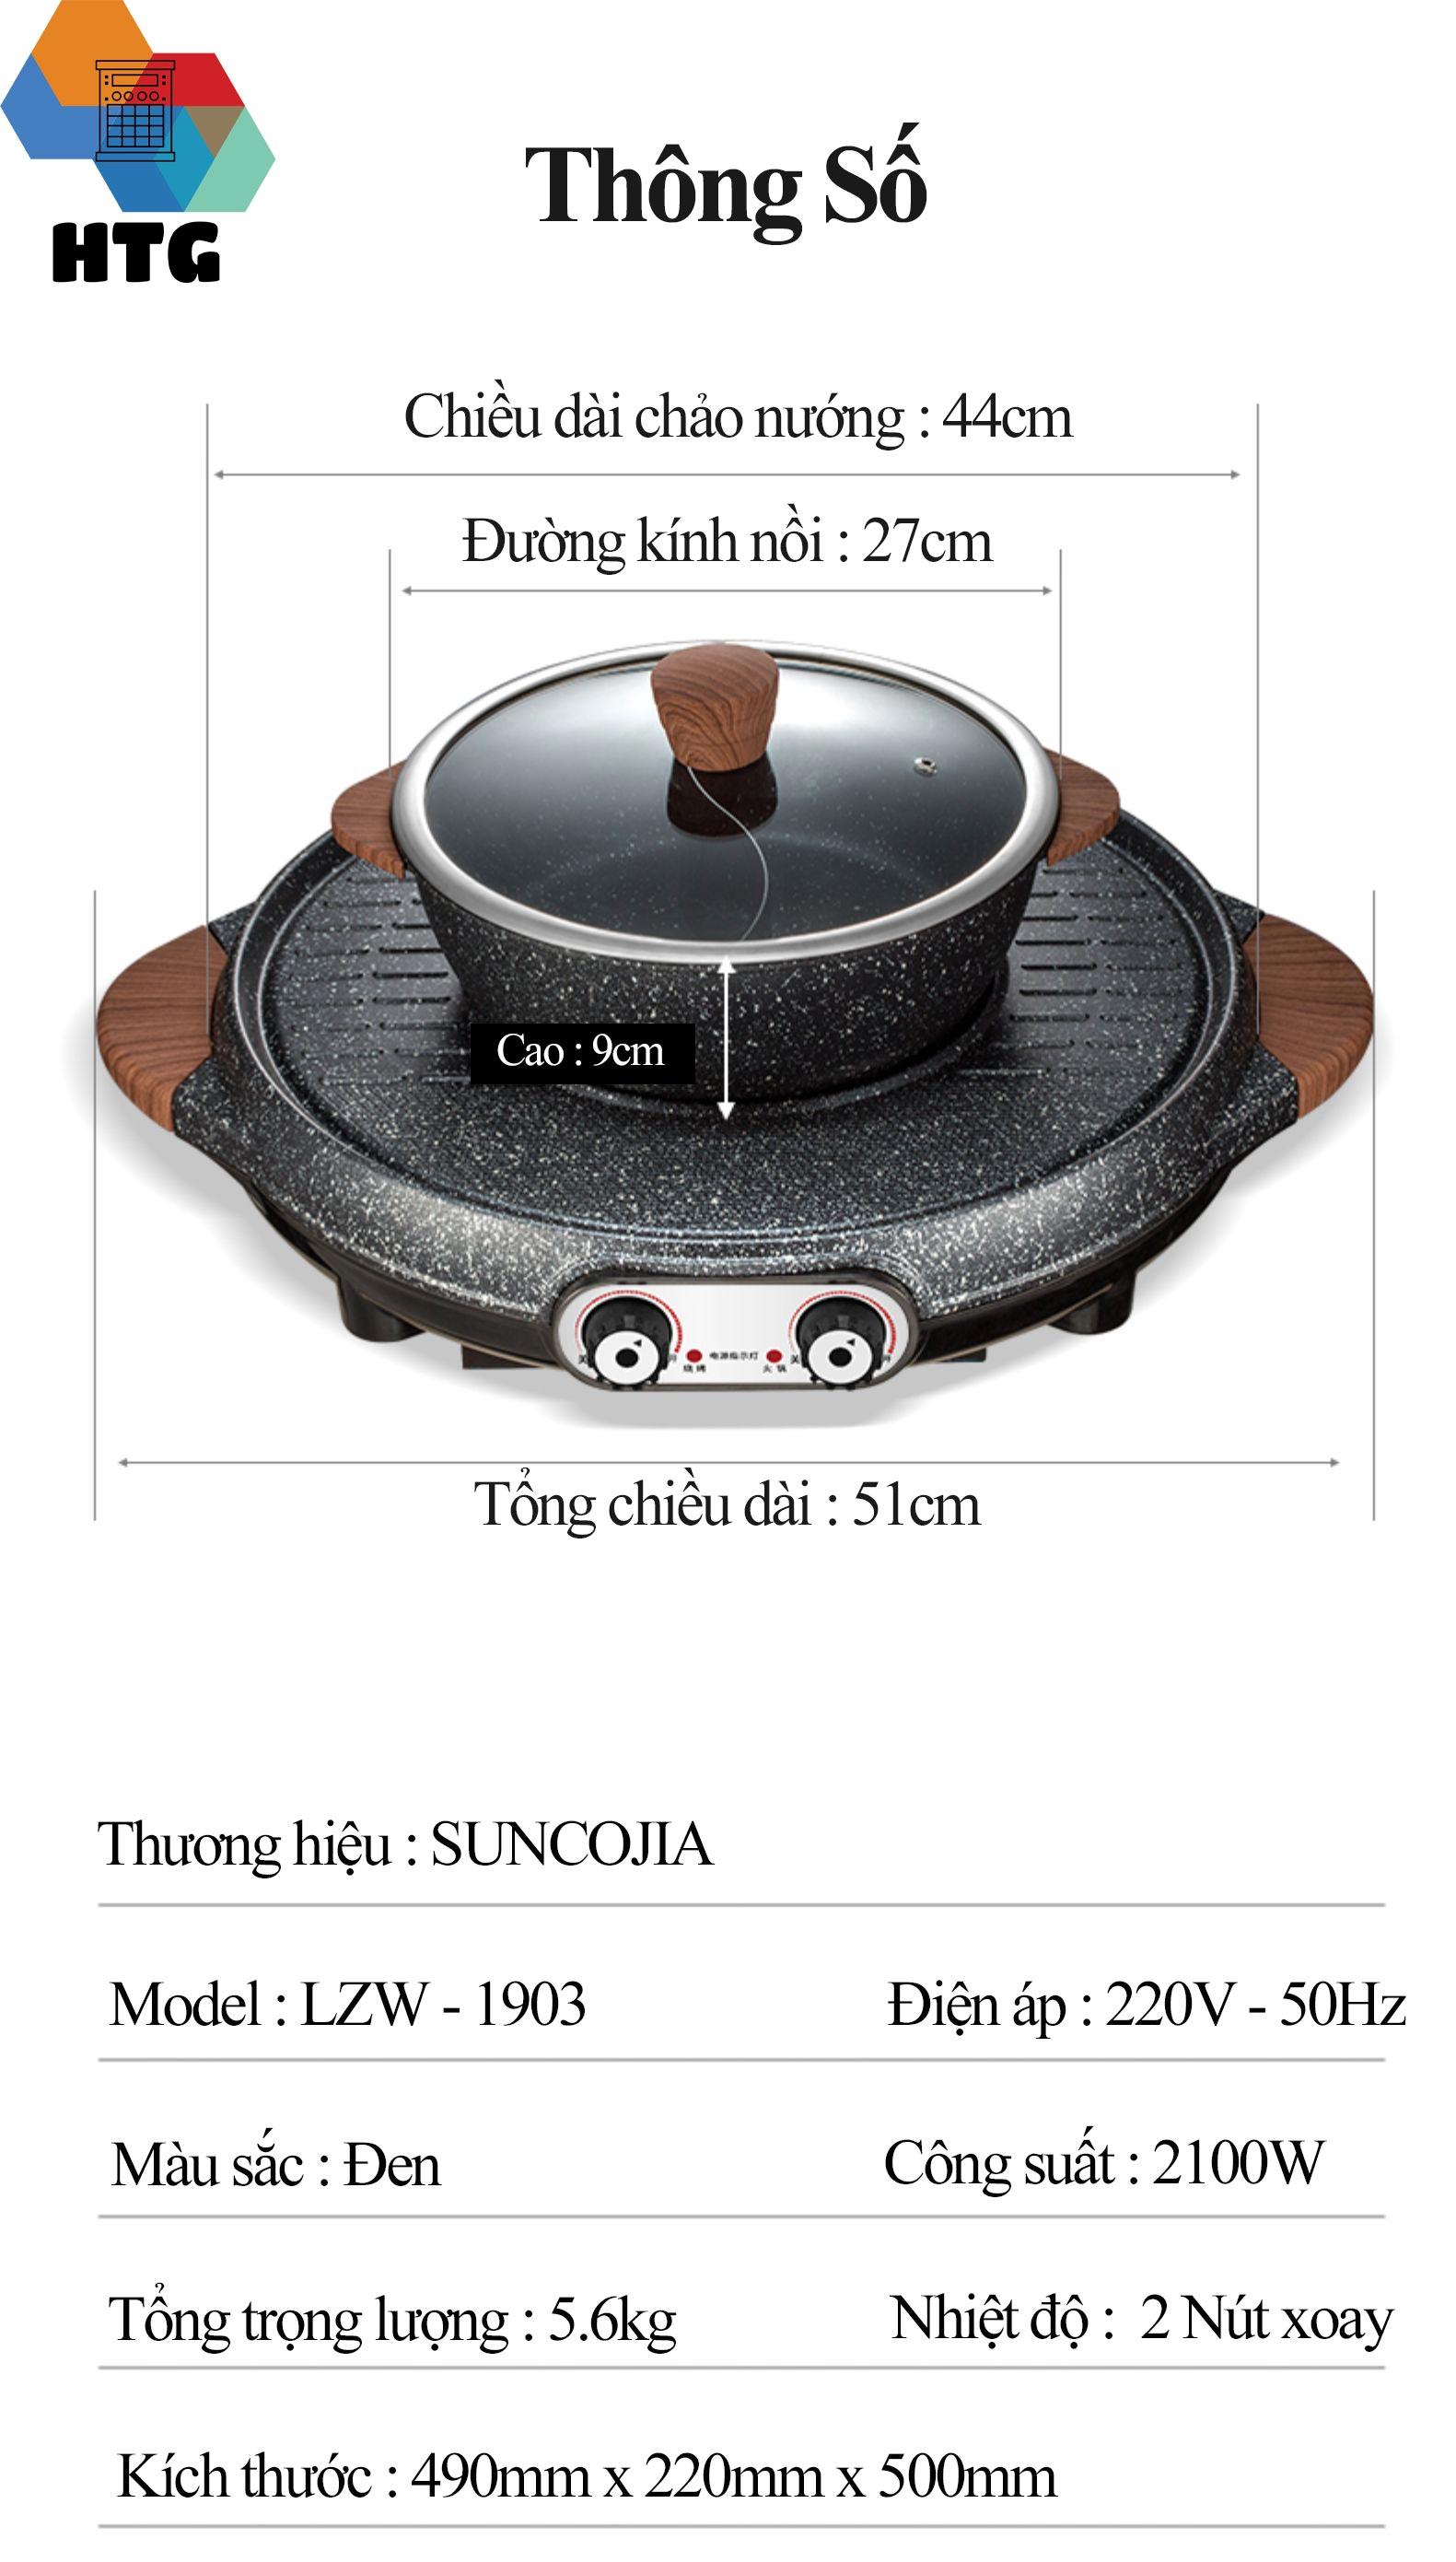 Bếp lẩu nướng tròn Suncojia LZW-1903 bằng đá y học chống dính, nóng nhanh 2100W, nút điều khiển tích hợp an toàn, Hàng Chính Hãng